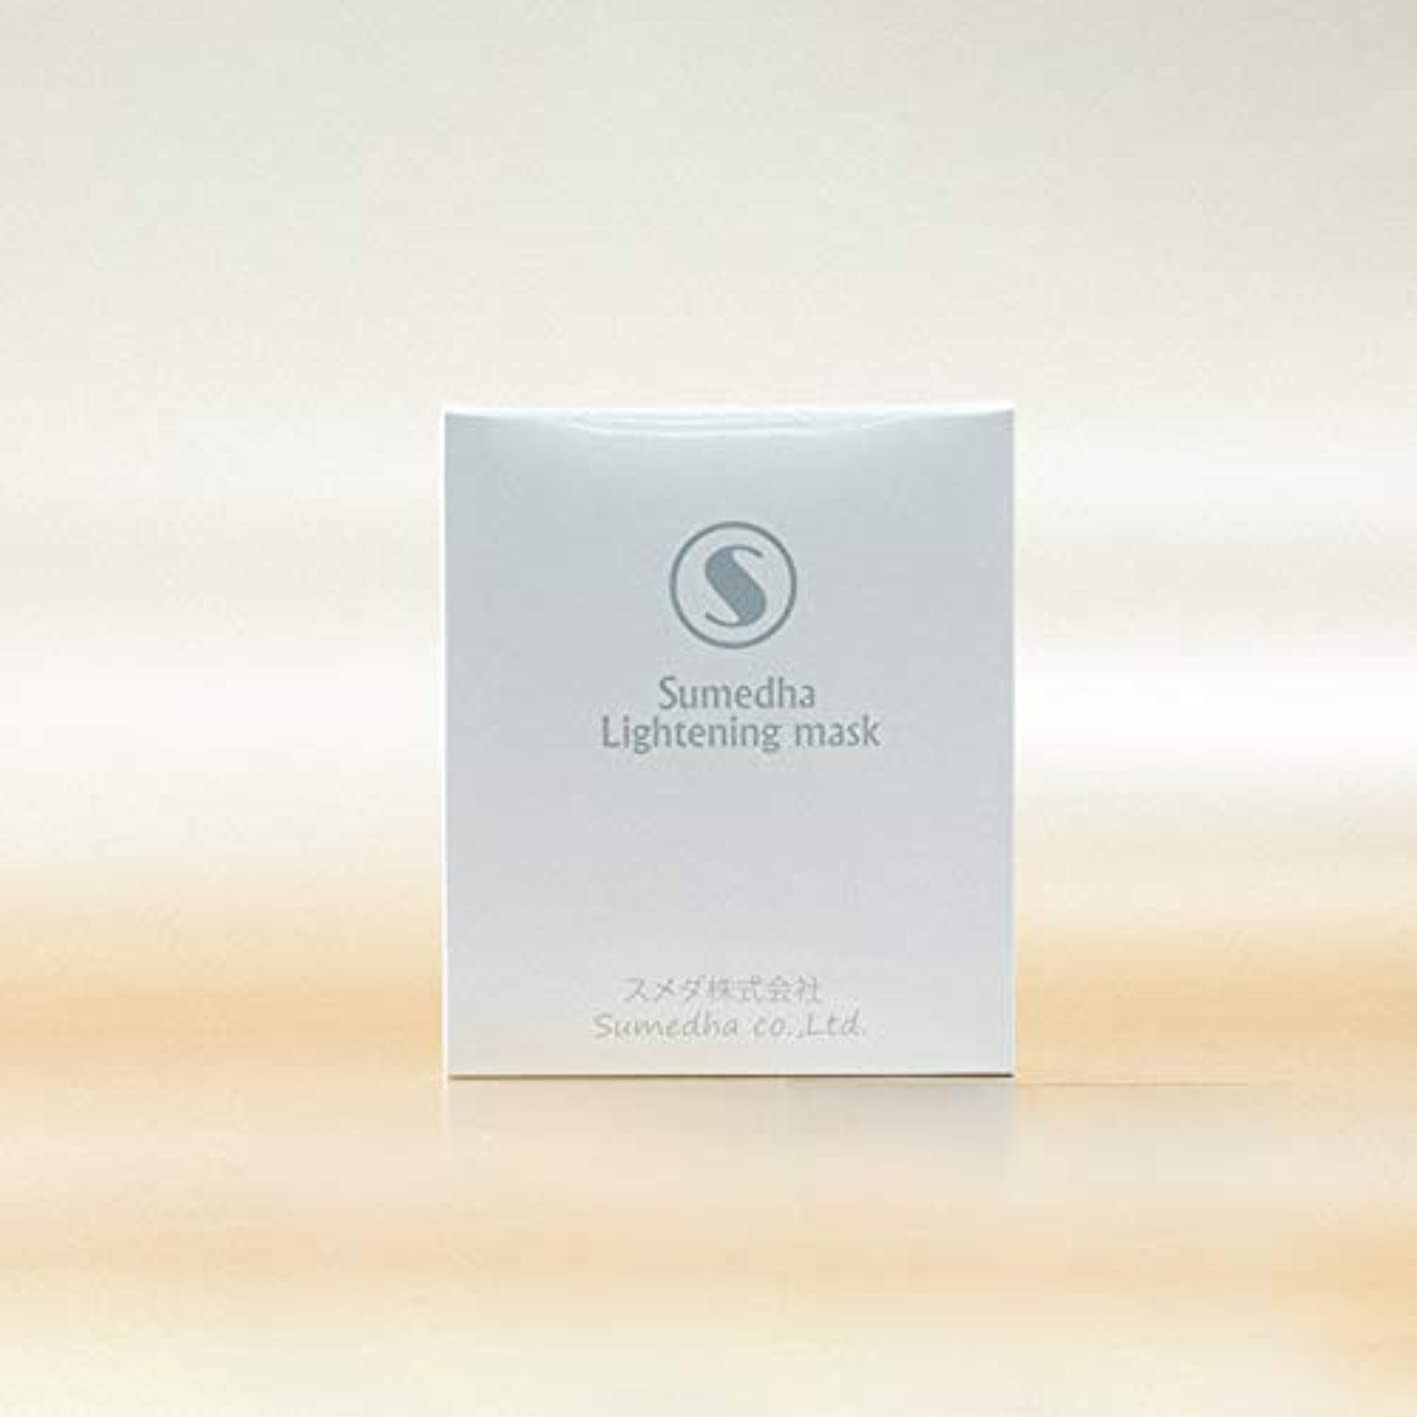 祝う愛情深い区別するフェイスマスク Sumedha パック 保湿マスク 日本製 マスク フェイスパック 3枚入り 美白 美容 アンチセンシティブ 角質層修復 抗酸化 保湿 補水 敏感肌 発赤 アレルギー緩和 コーセー (美白)